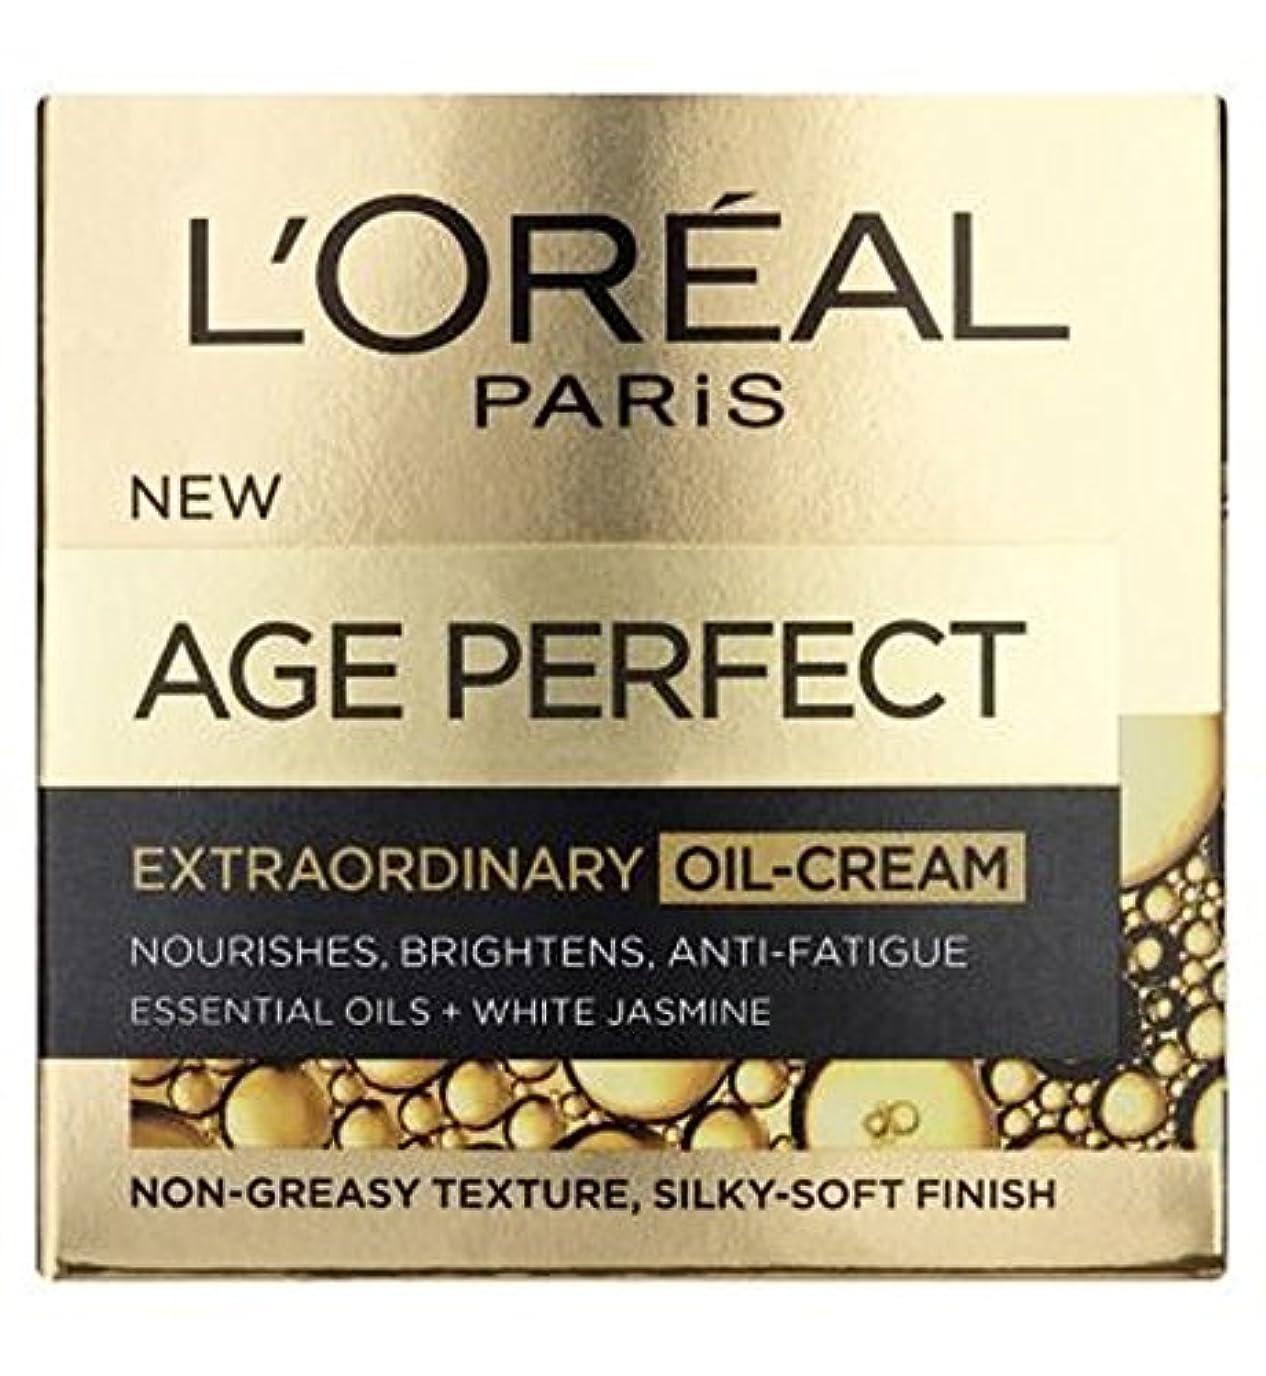 委員長ブローホールコミュニティロレアルパリ臨時油クリーム (L'Oreal) (x2) - L'Oreal Paris Extraordinary Oil Cream (Pack of 2) [並行輸入品]